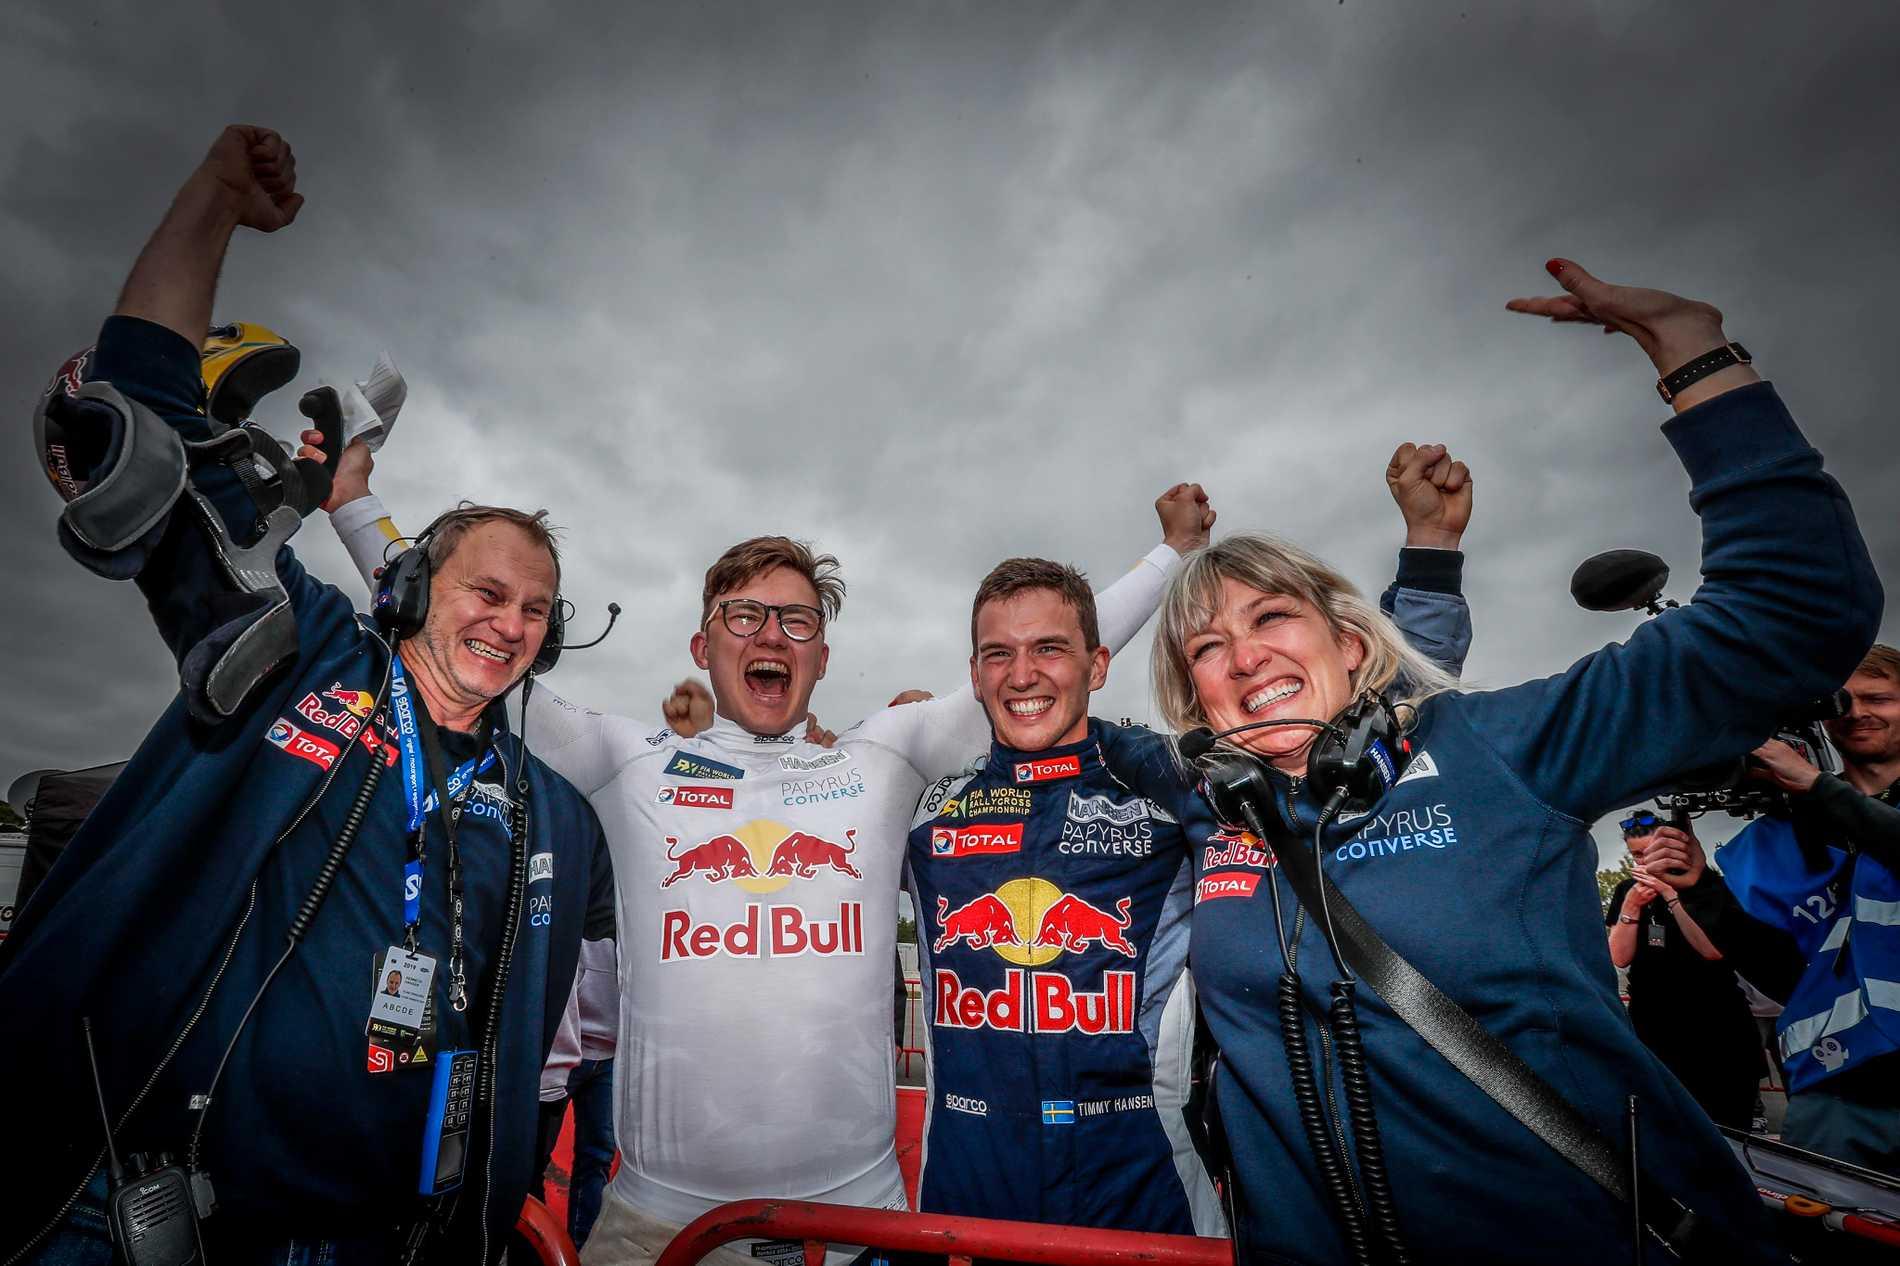 Familjen Hansen slåss om VM-titeln i rallycross. Pappa Kenneth är stallchef, bröderna Kevin och Timmy tävlar mot och med varandra, samt mamma Susann som också jobbar inom teamet.